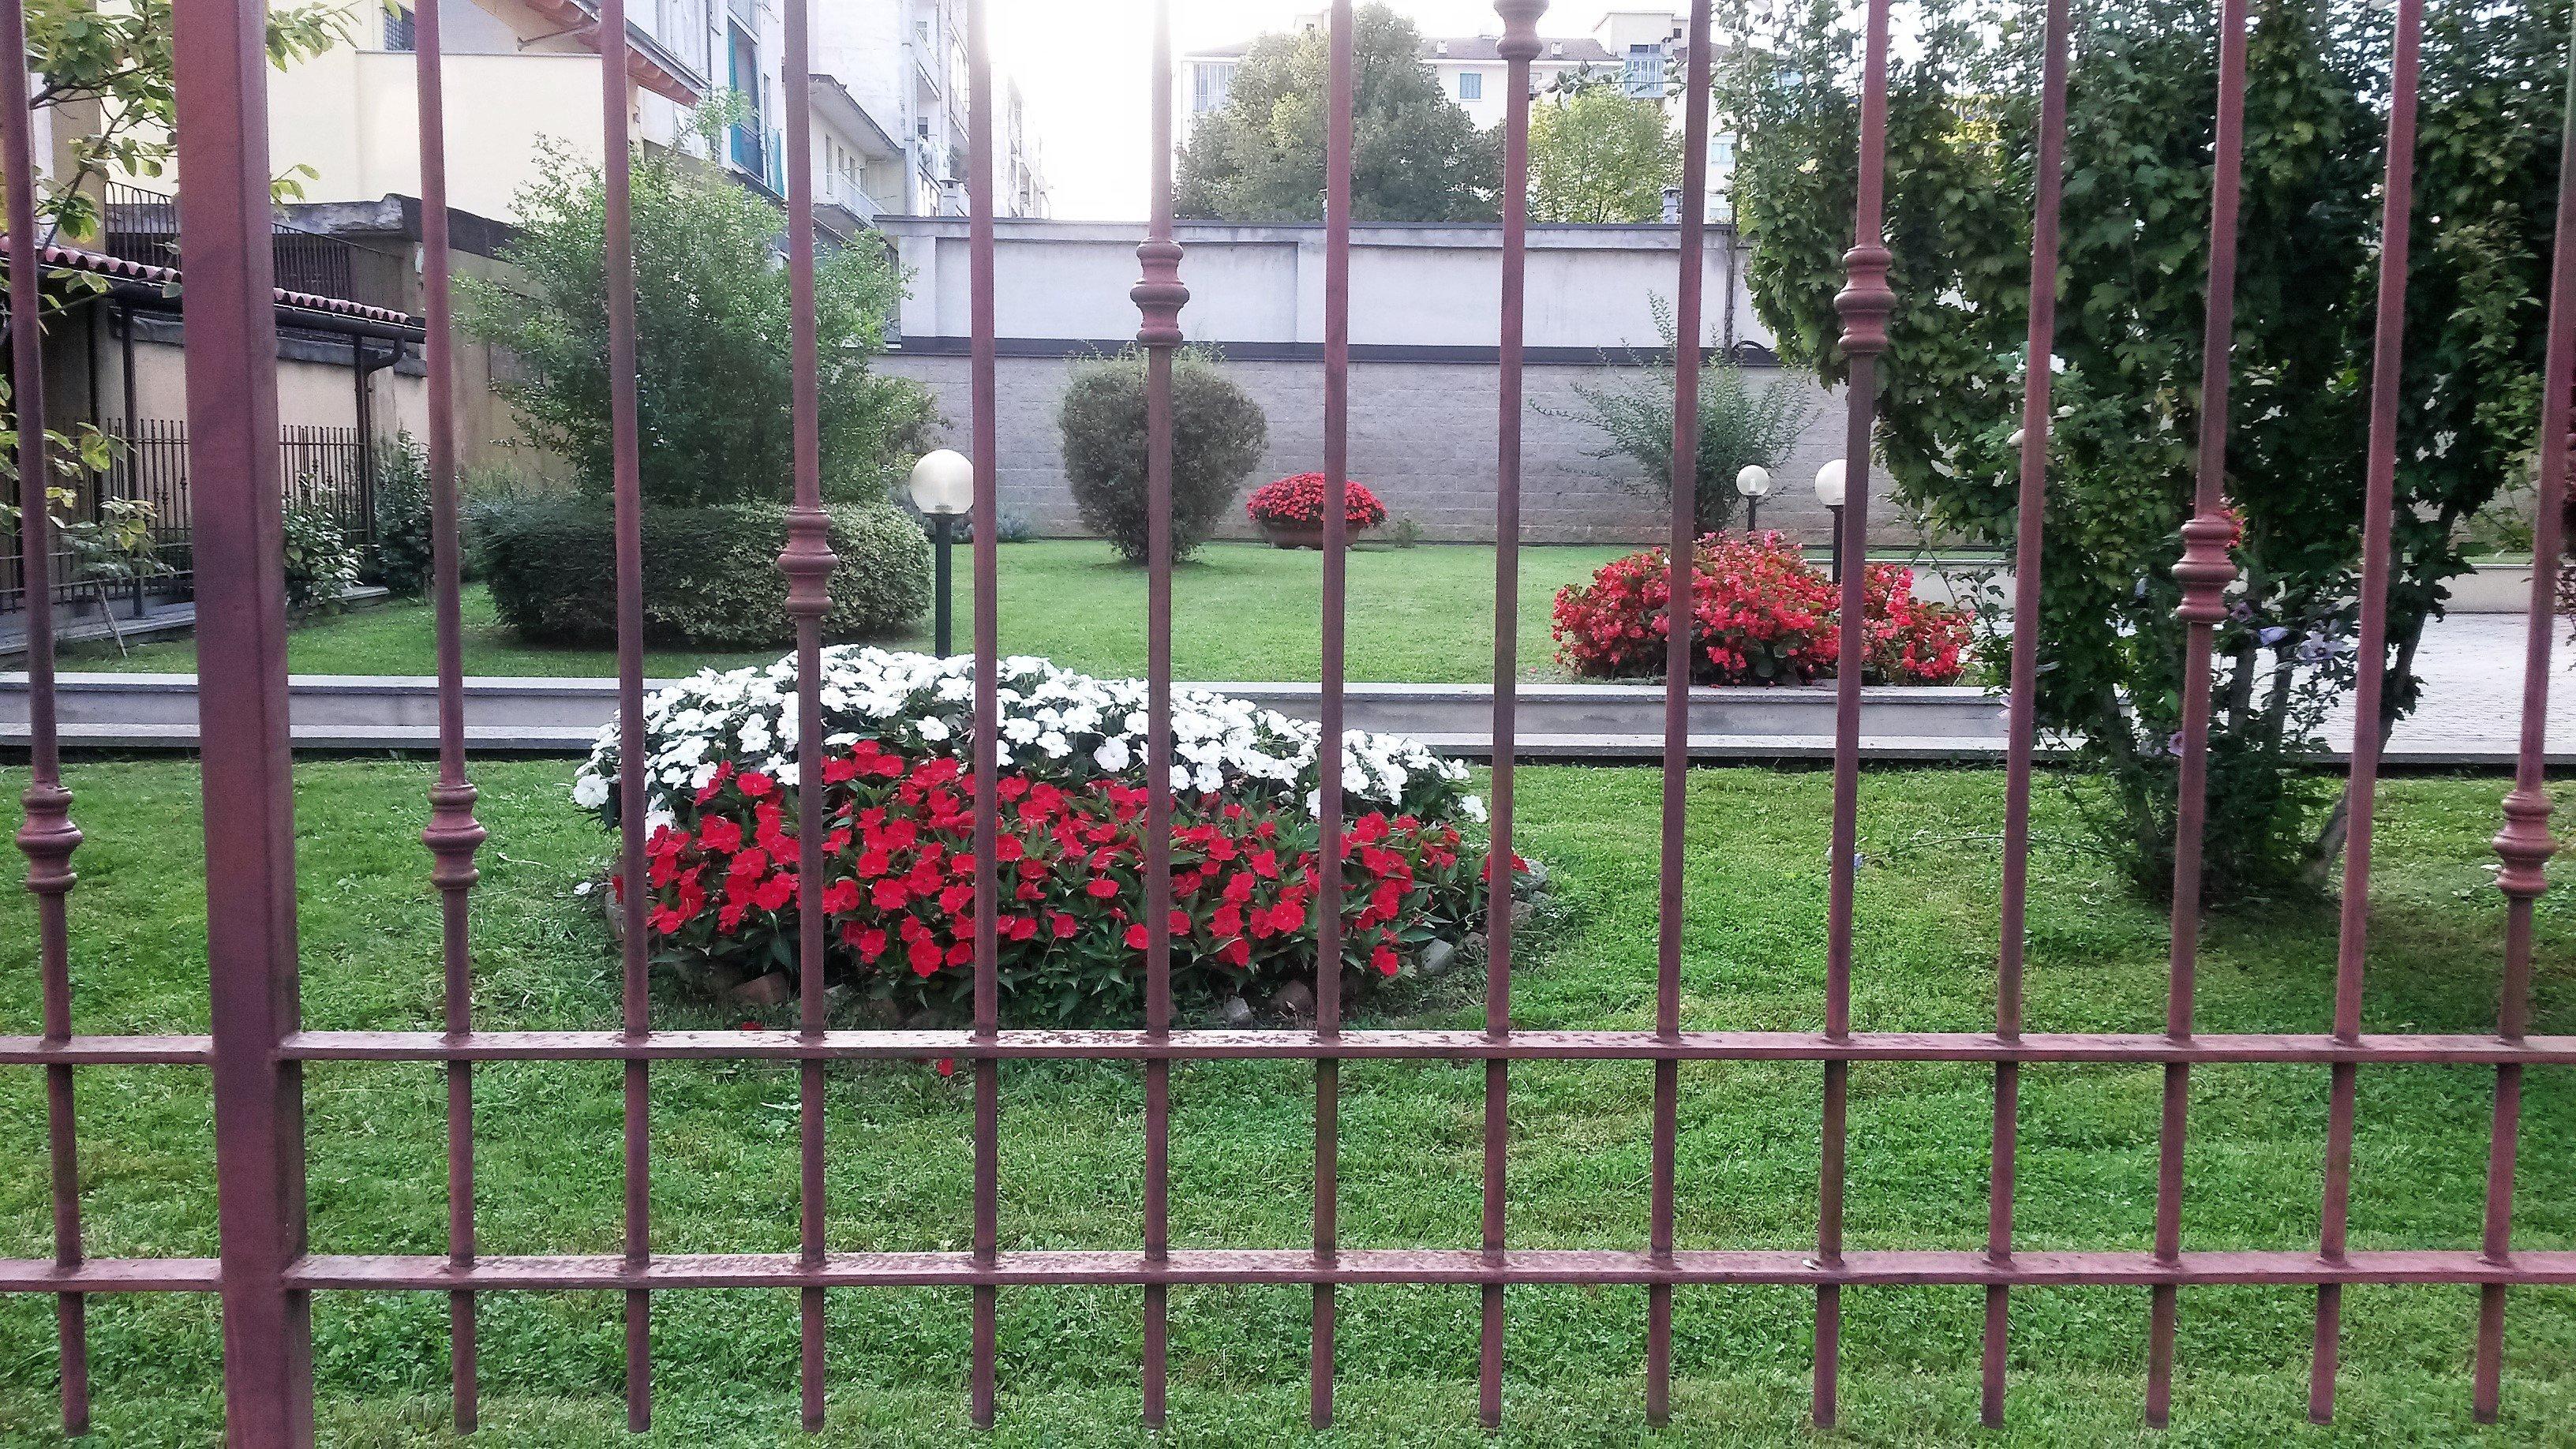 giardino curato visto da grata esterna in ferro